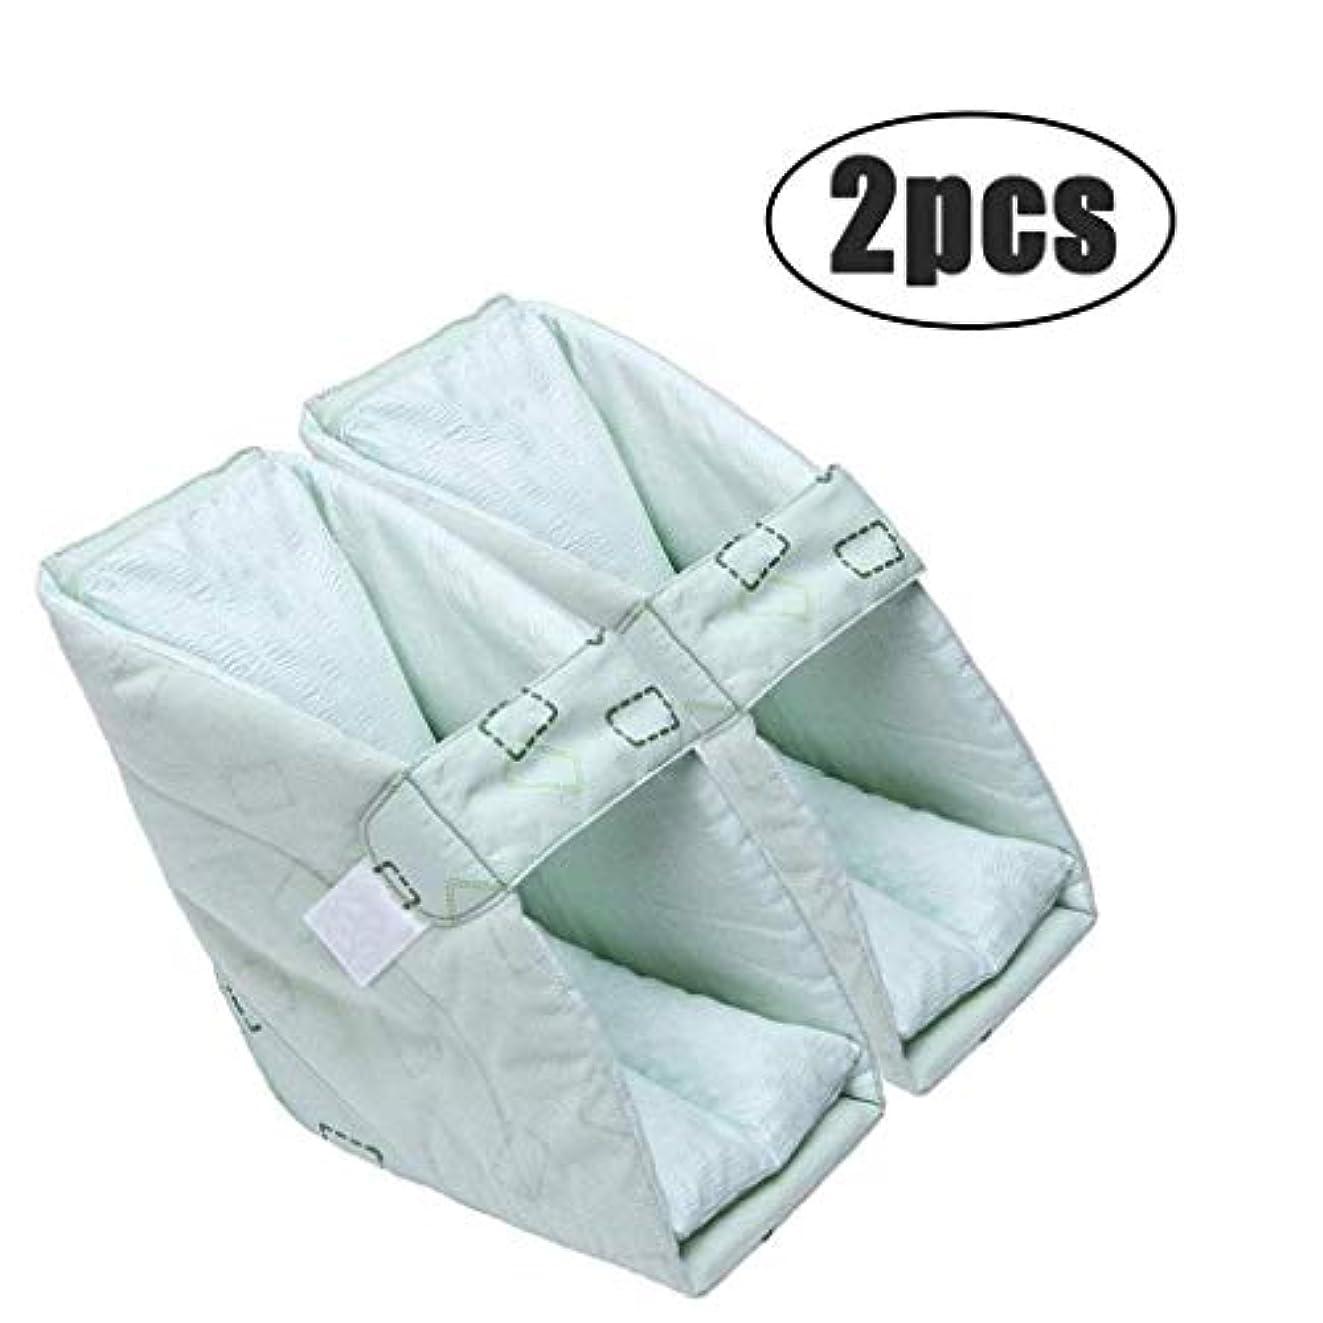 武器ポジティブ人気TONGSH 足の枕、かかとのプロテクター、かかとのクッション、かかとの保護、効果的なPressure瘡およびかかとの潰瘍の救済、腫れた足に最適、快適なかかとの保護の足の枕 (Size : 2pcs)